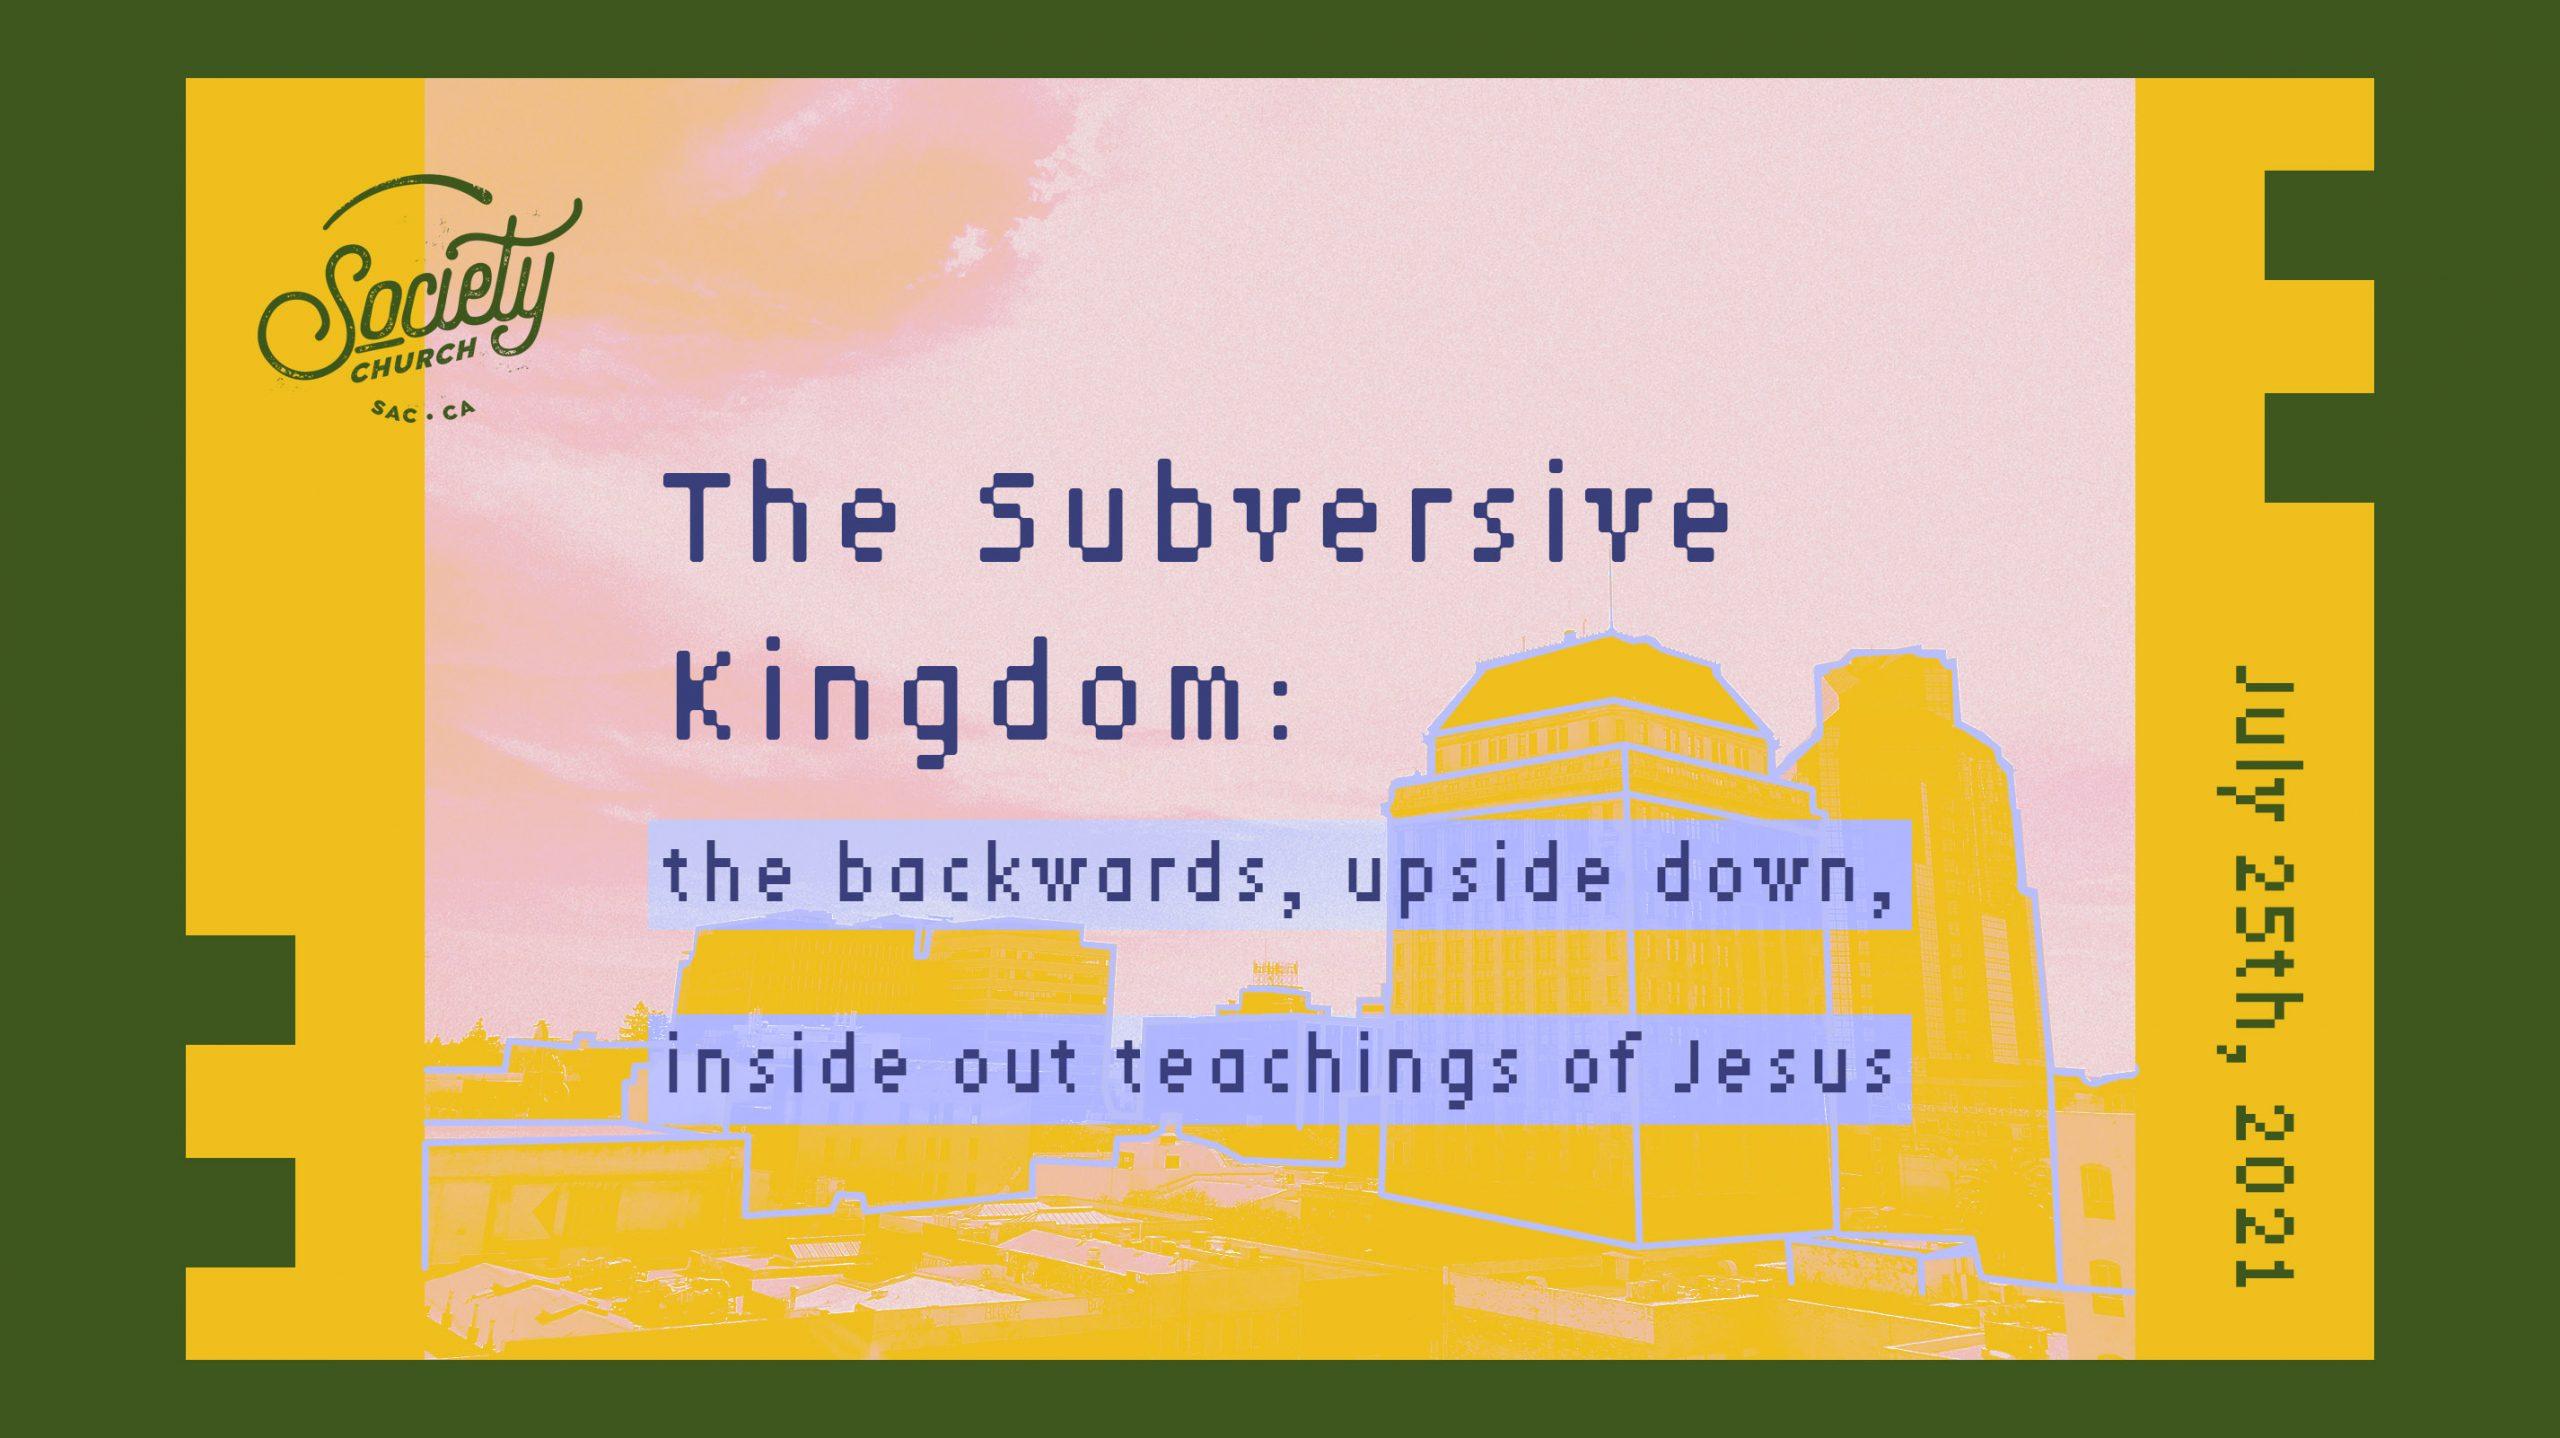 The Subversive Kingdom: Week 5